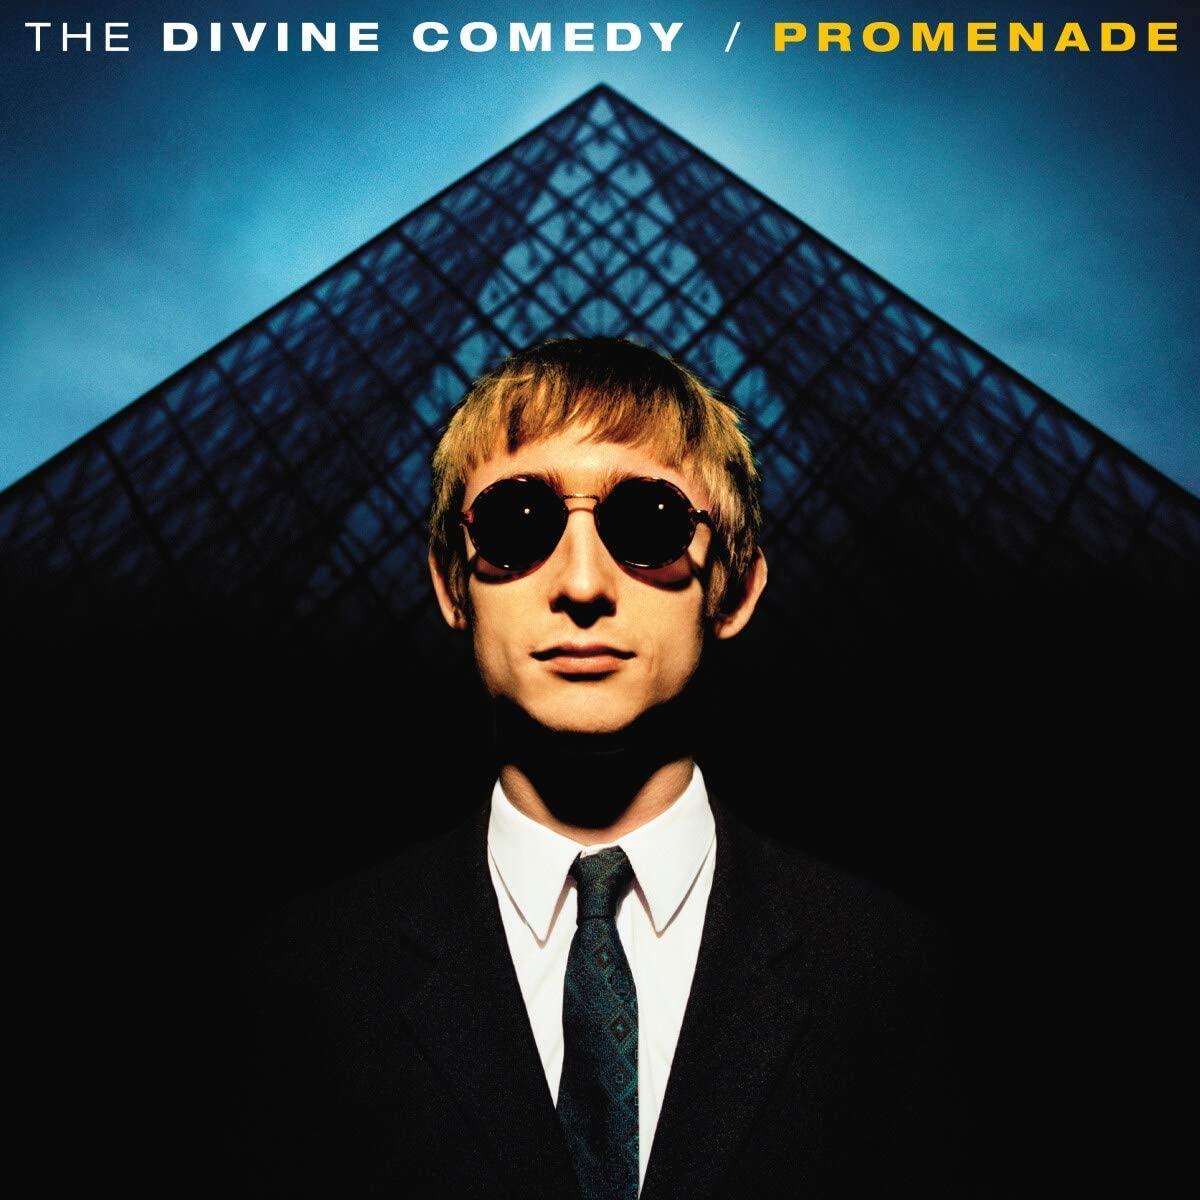 Copertina Vinile 33 giri Promenade di The Divine Comedy